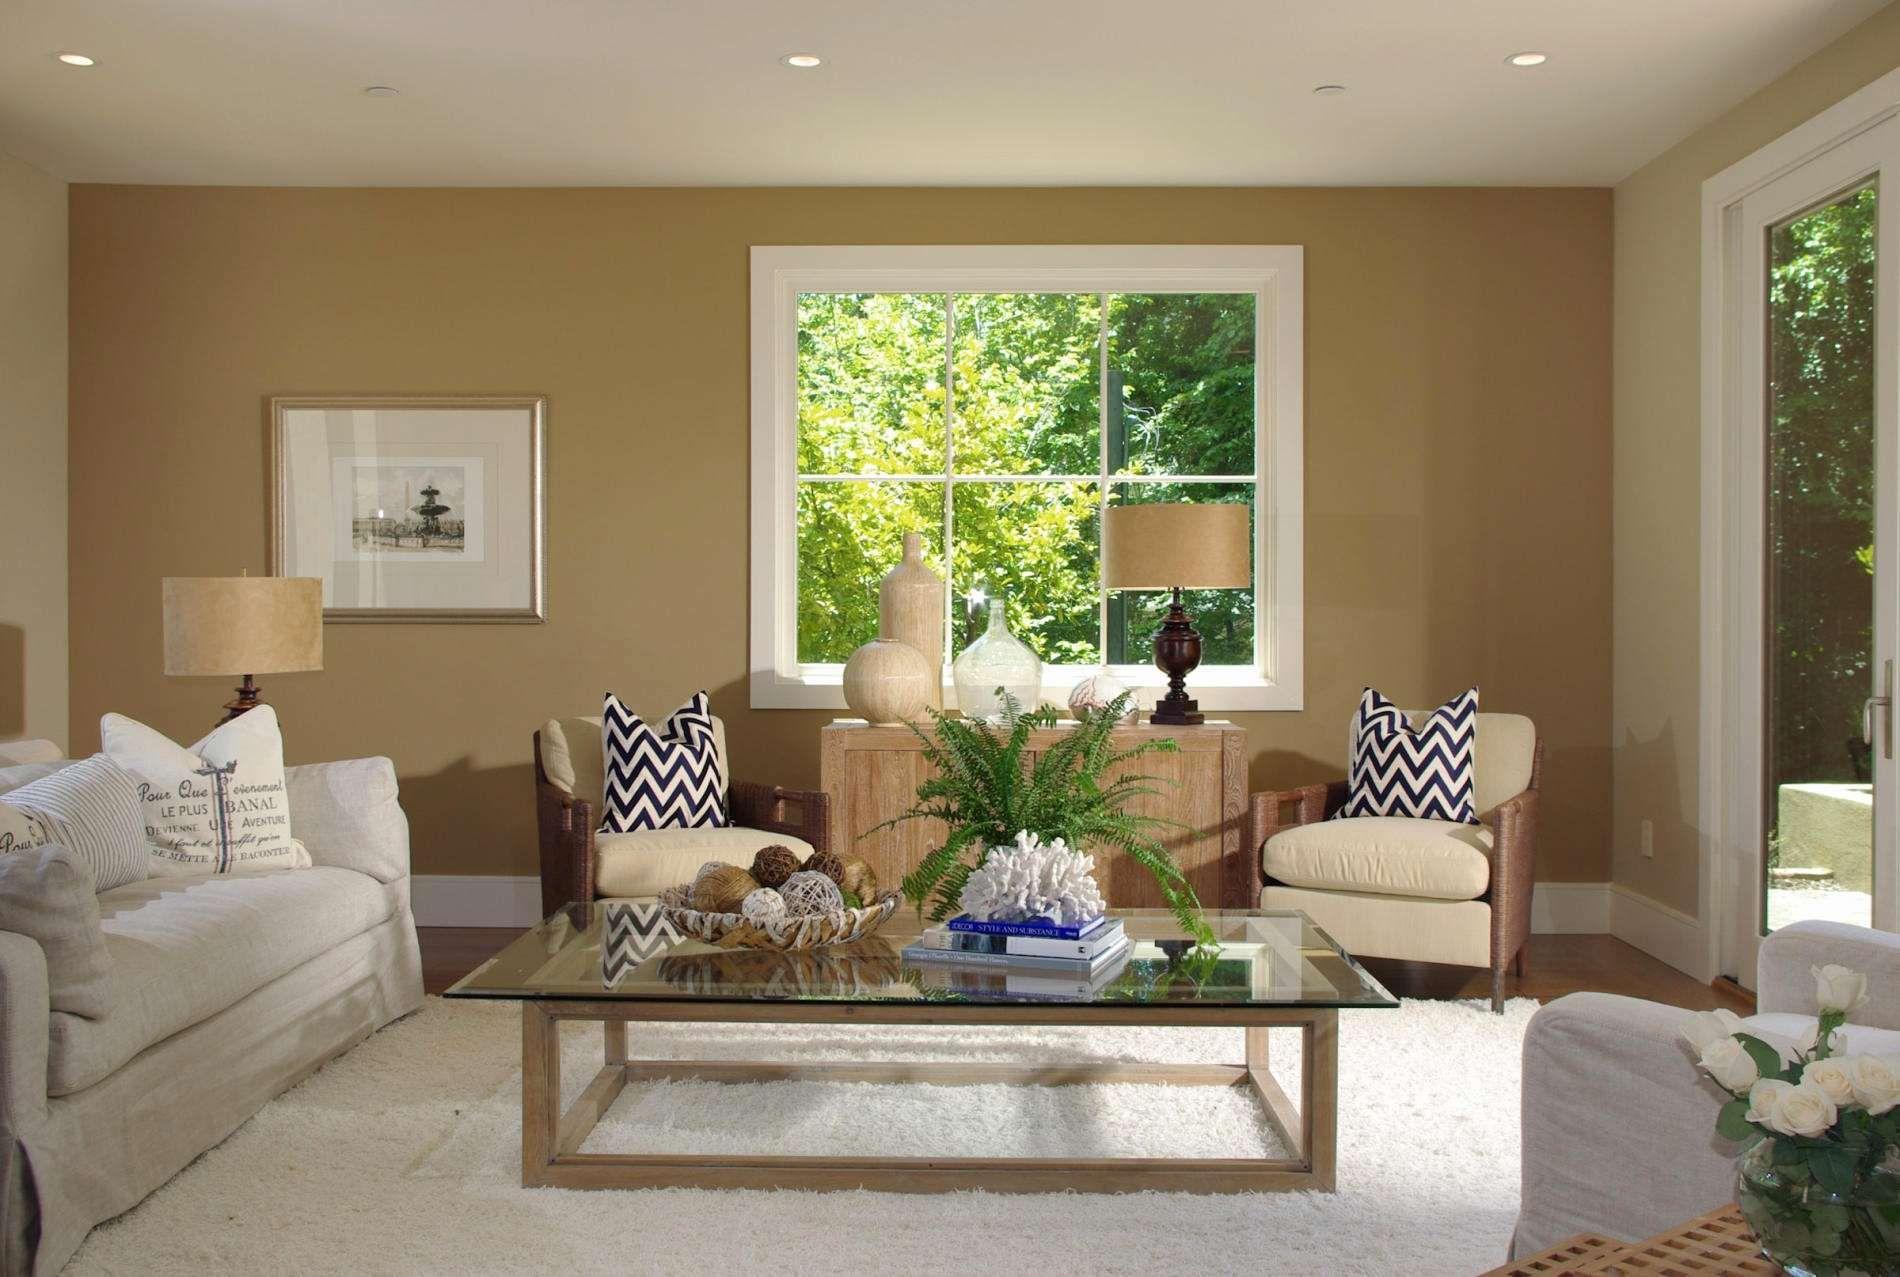 Modern Home Design Ideas Beautiful Modern Home Design Ideas